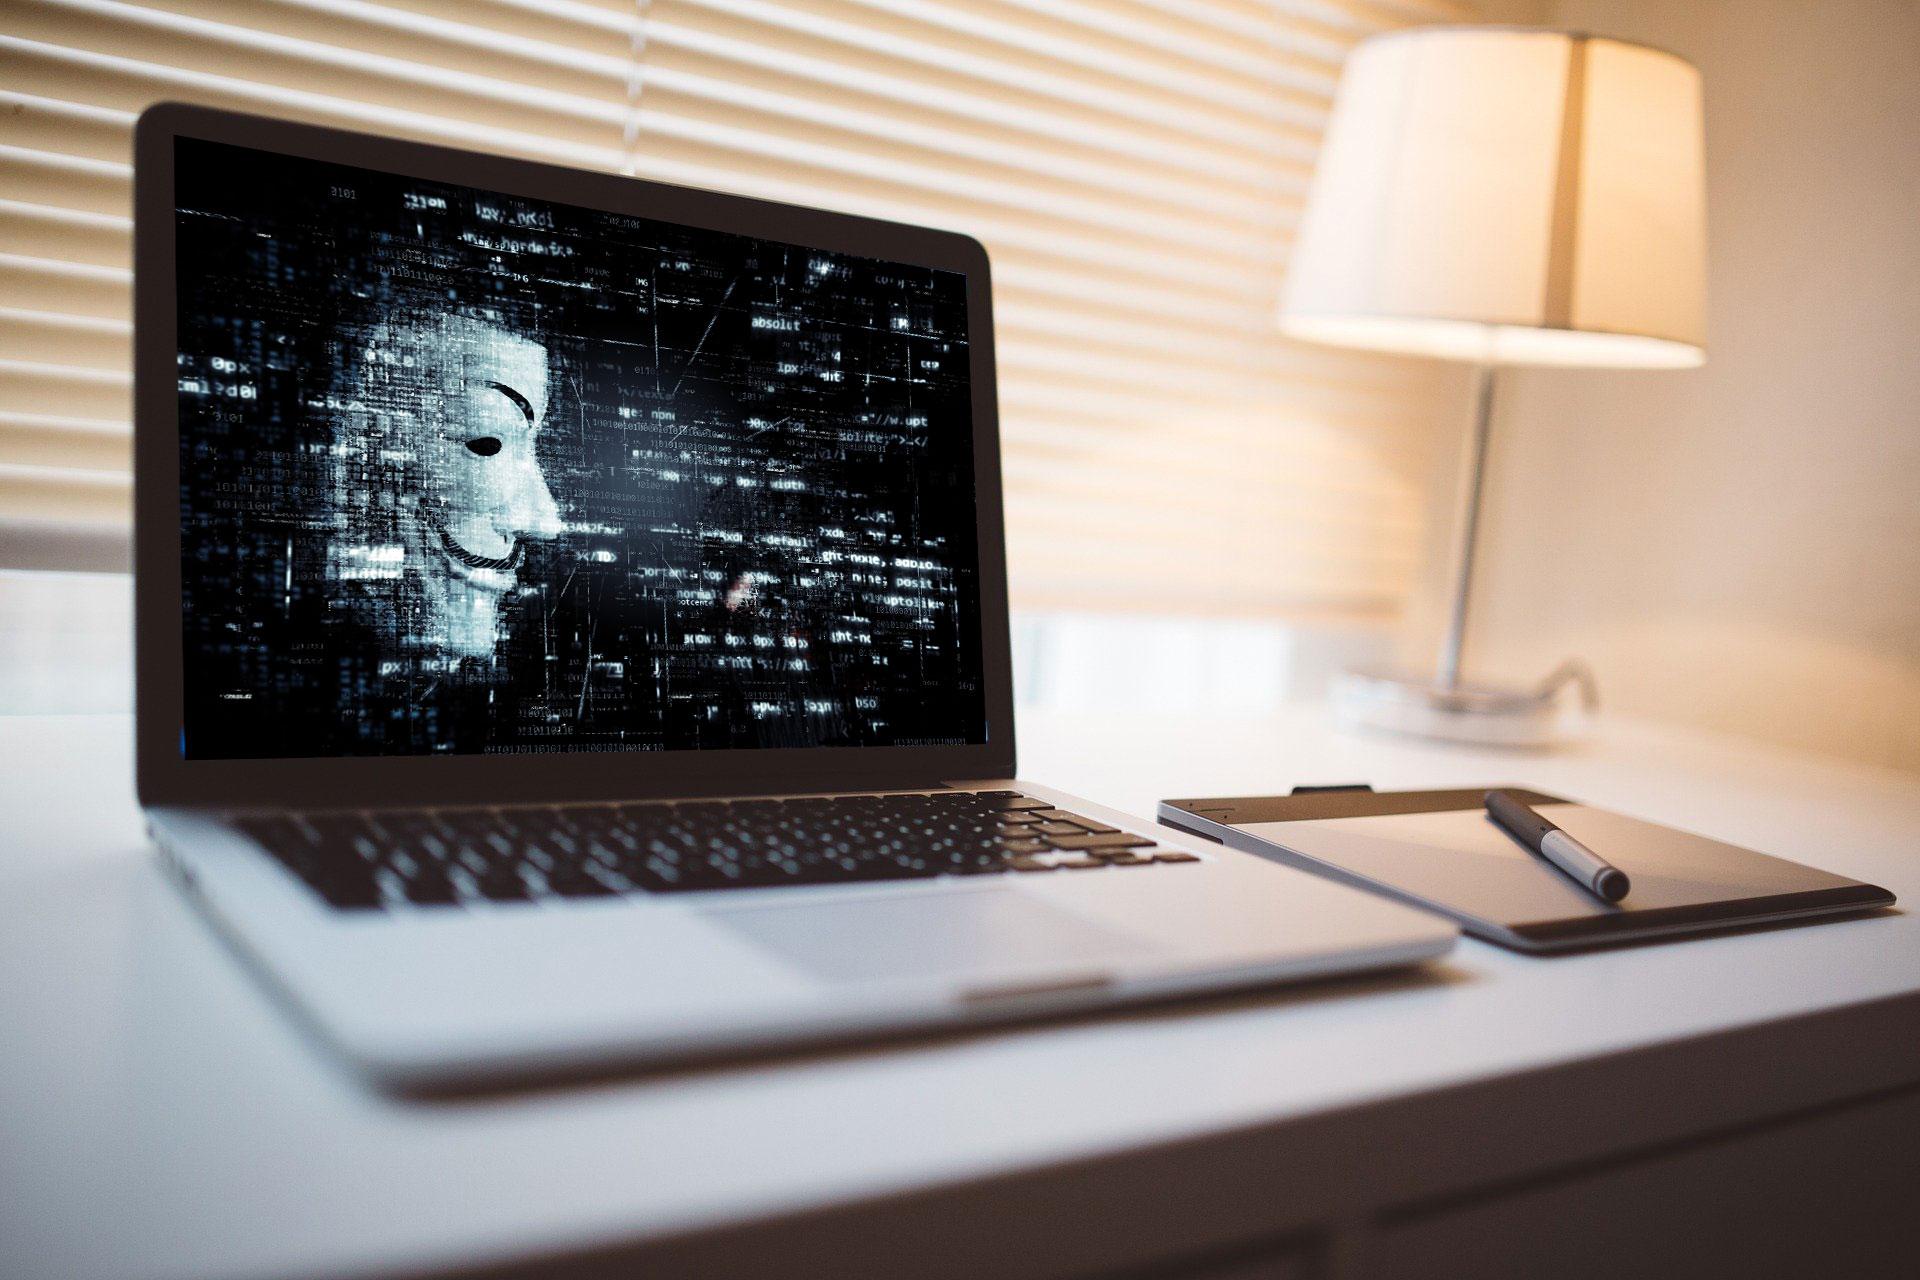 テレワーク時におけるリスク!VPN製品に潜む脆弱性